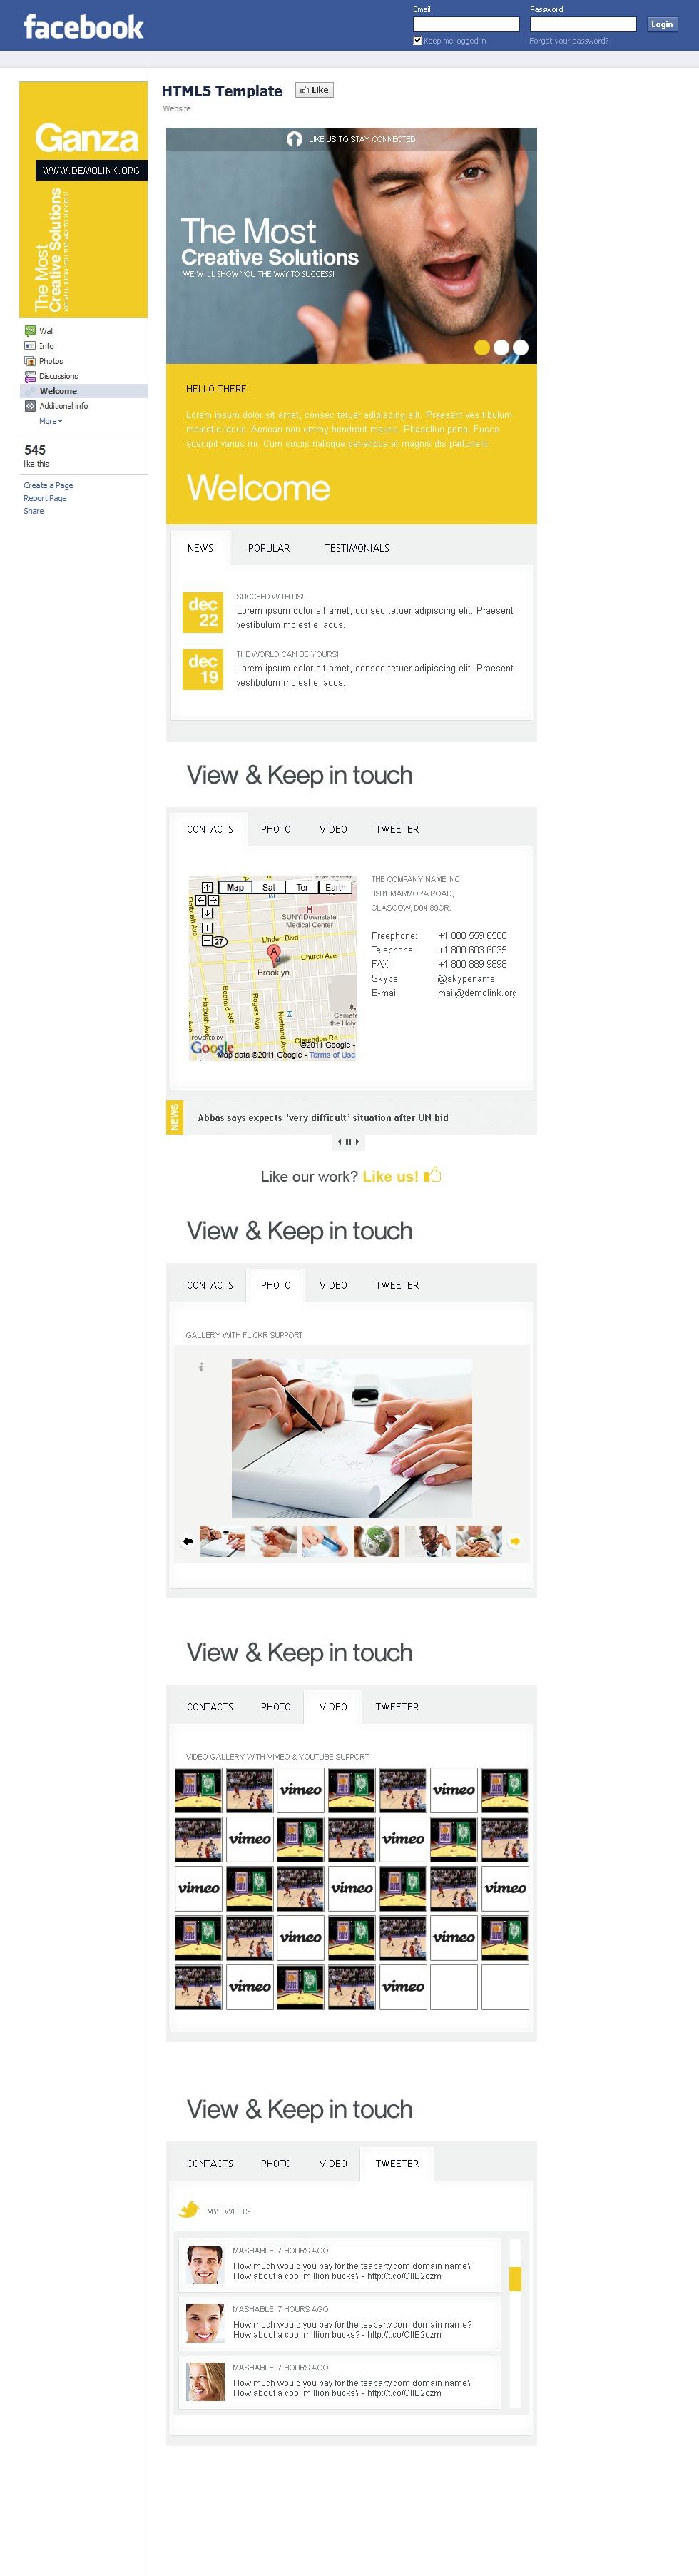 Modèle Facebook pour site d'affaires et de services #37944 - screenshot